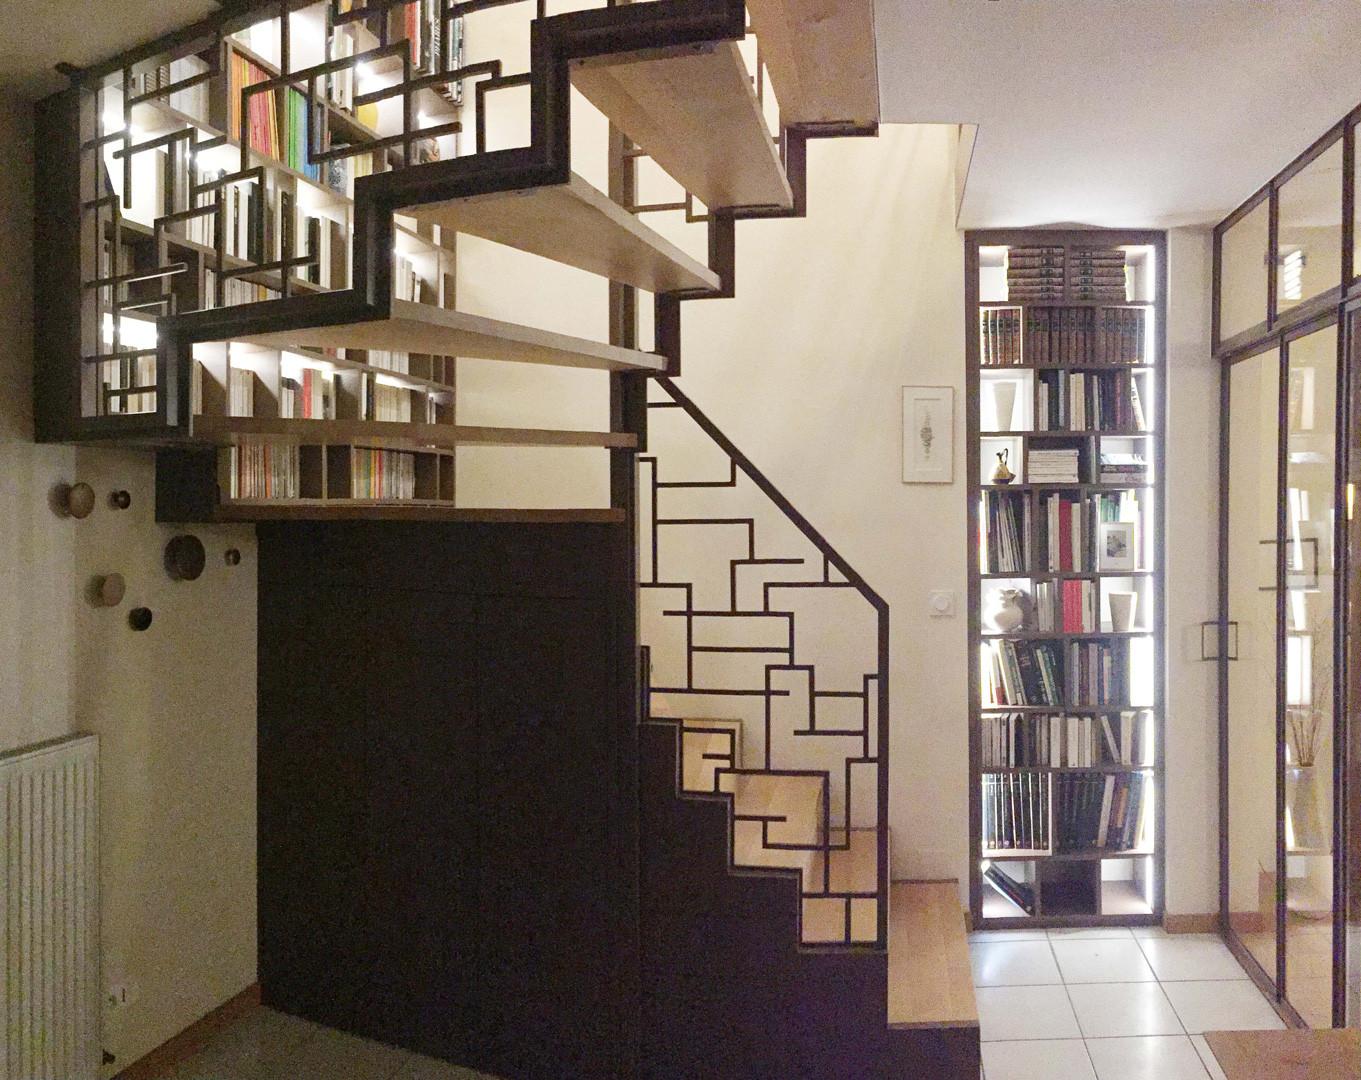 Une maison  à lire Entrée & escalier-bibliothèque Saint-Lunaire